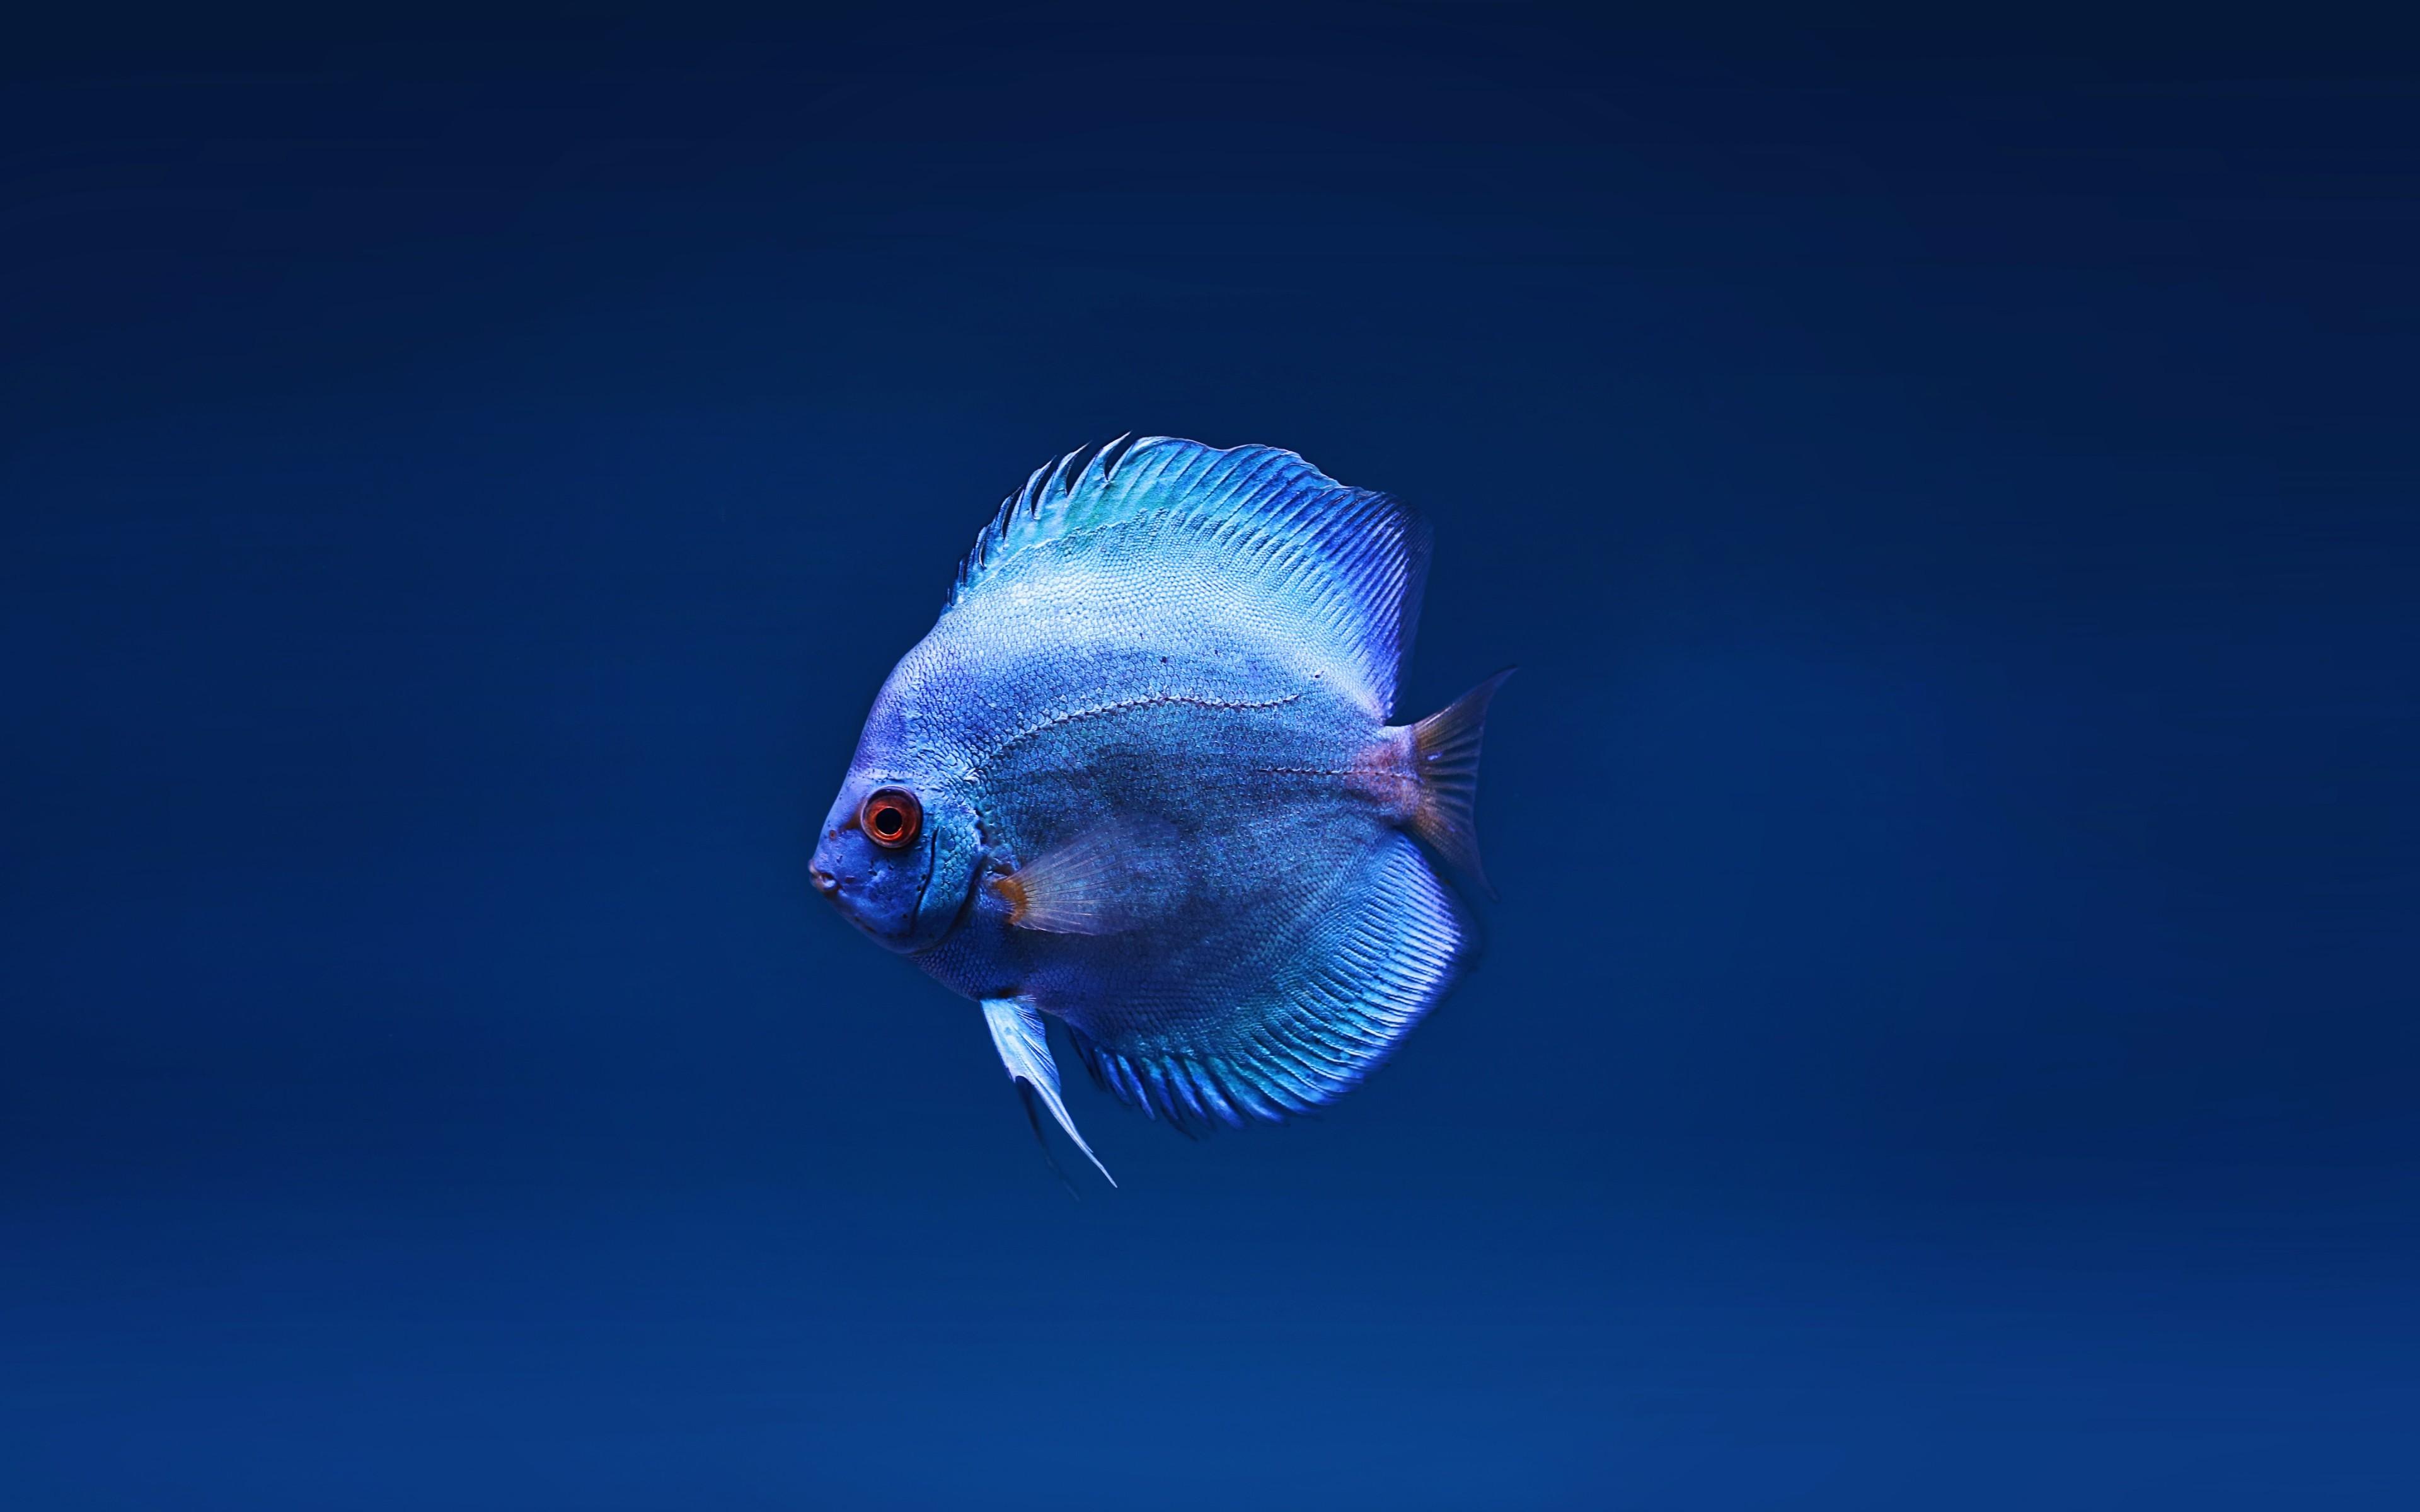 Fondos de pantalla El pez disco azul